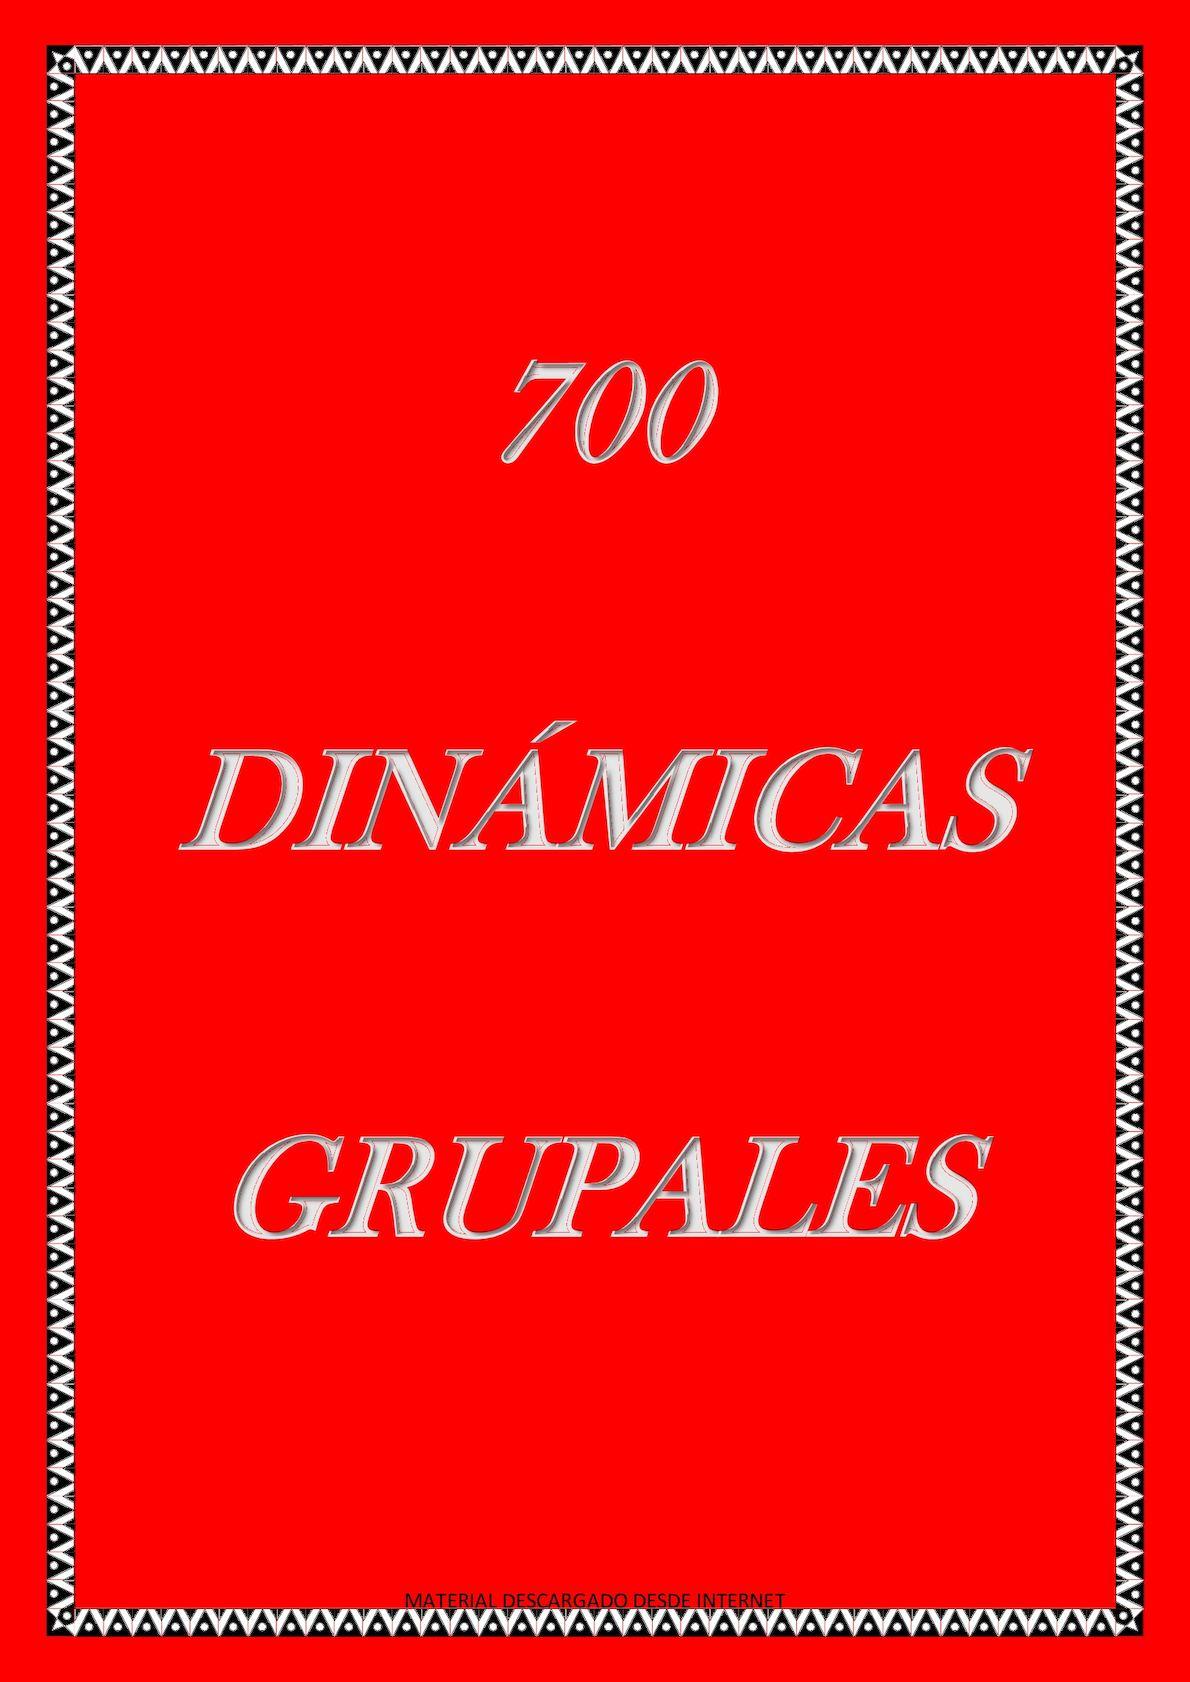 76bd23c1a Calaméo - 700 DINÁMICAS GRUPALES PARA TODAS LAS EDADES